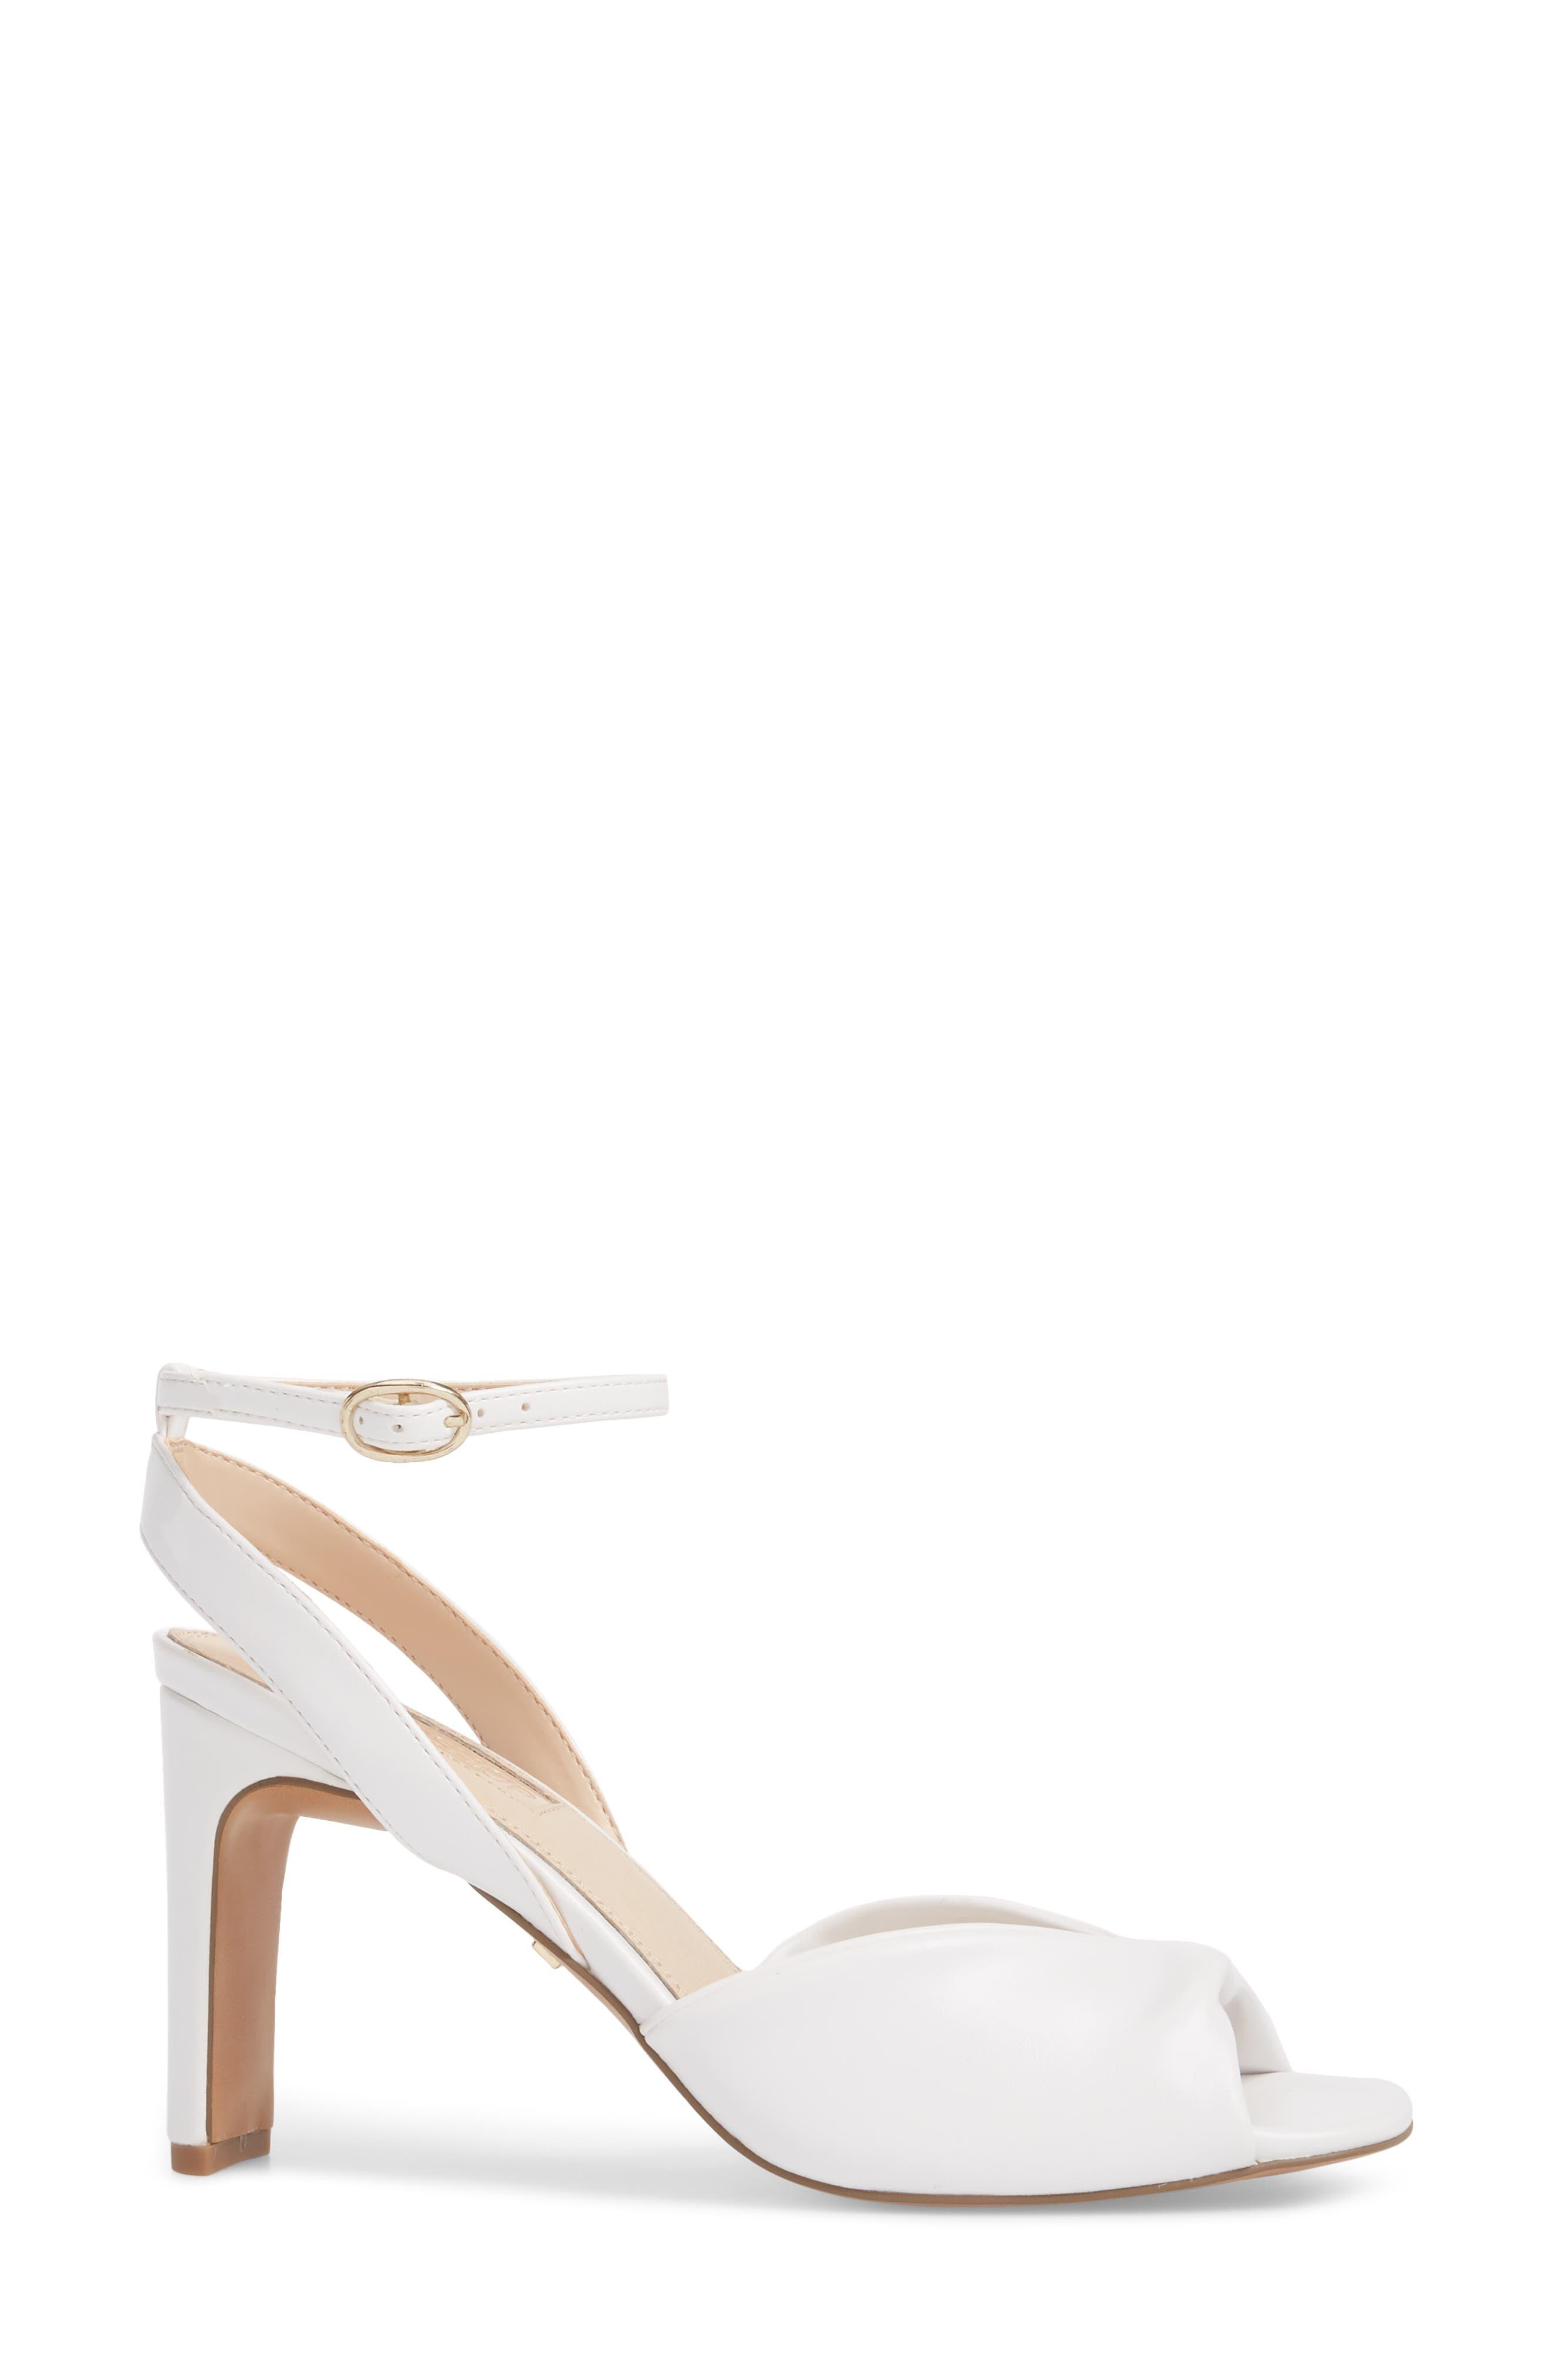 Raven Skinny Heel Sandal,                             Alternate thumbnail 3, color,                             White